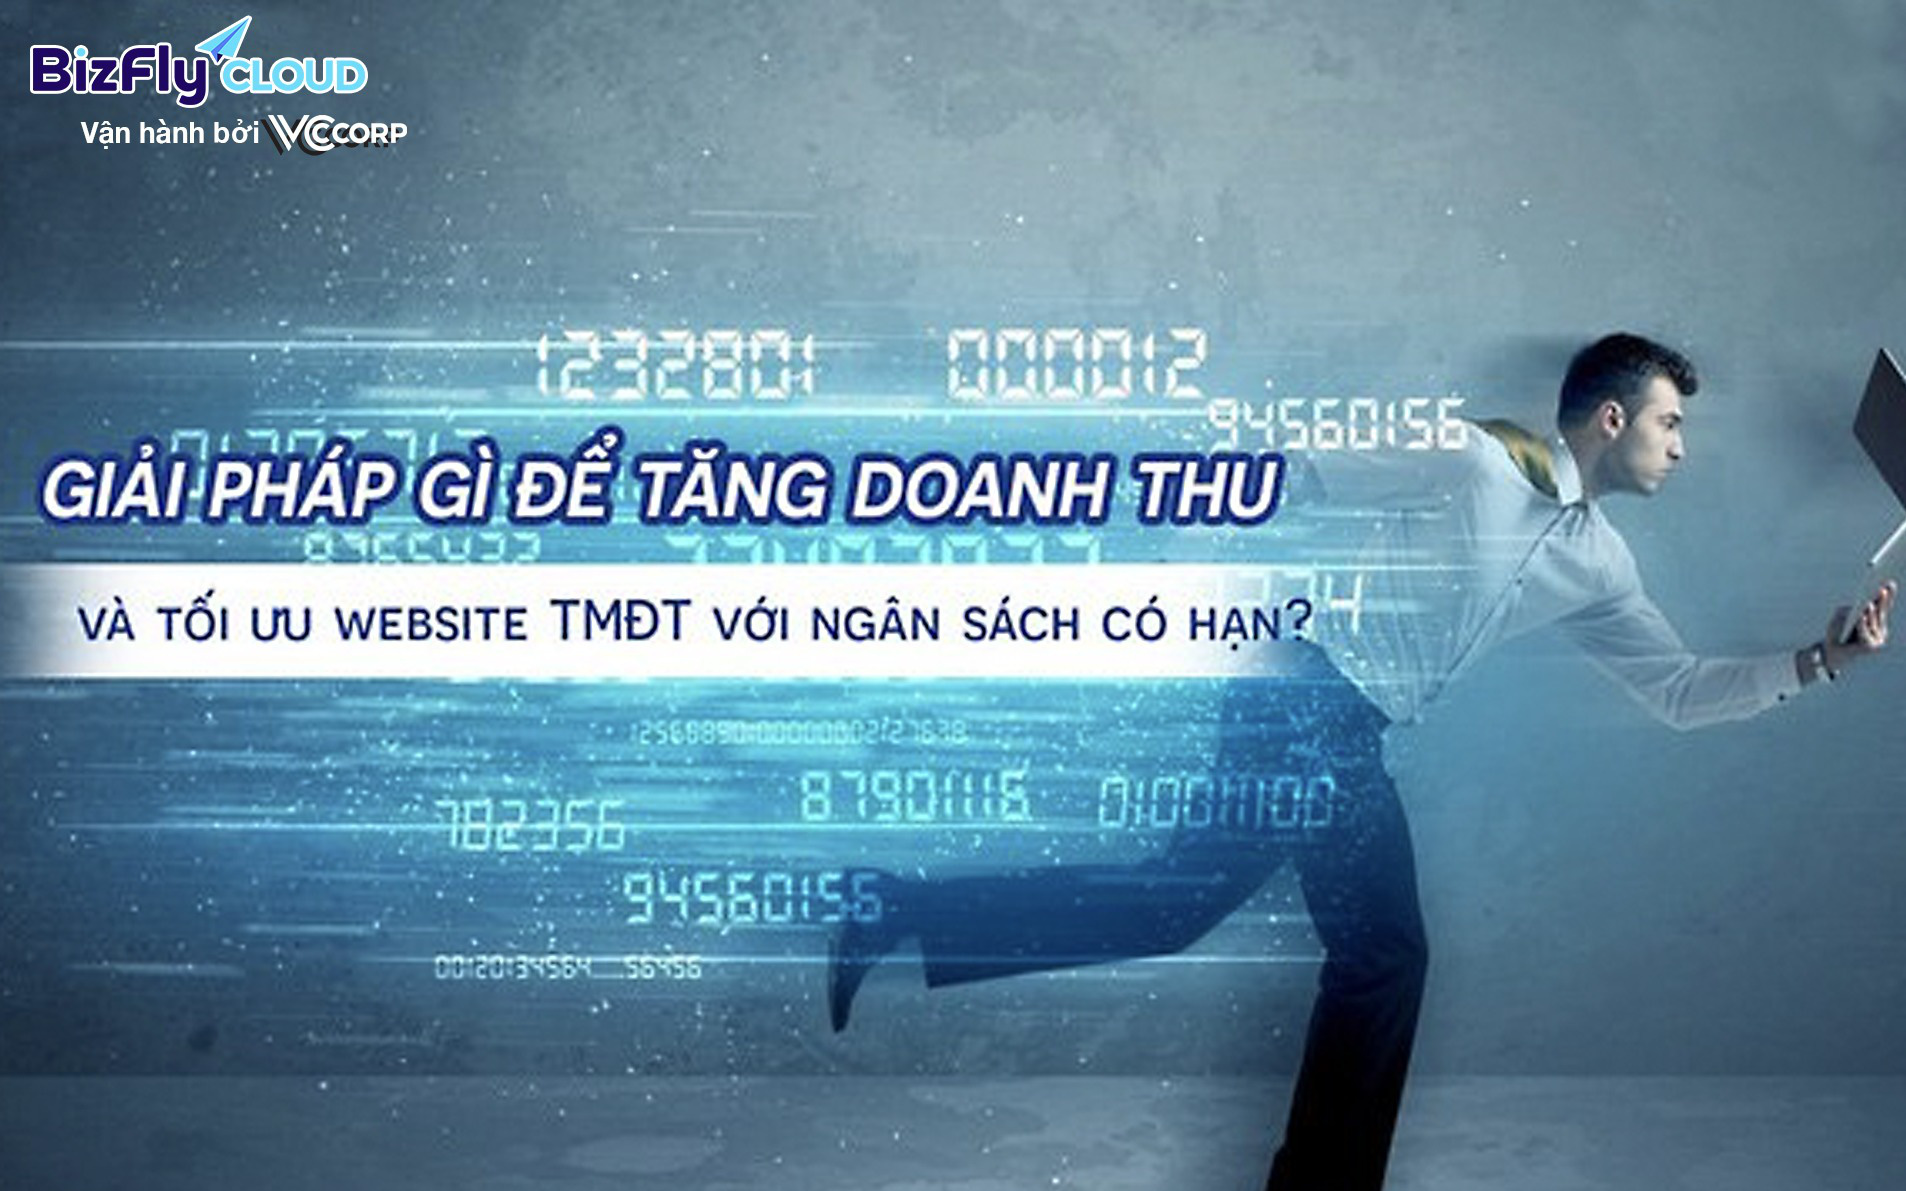 Giải pháp gì để tăng doanh thu và tối ưu website TMĐT...